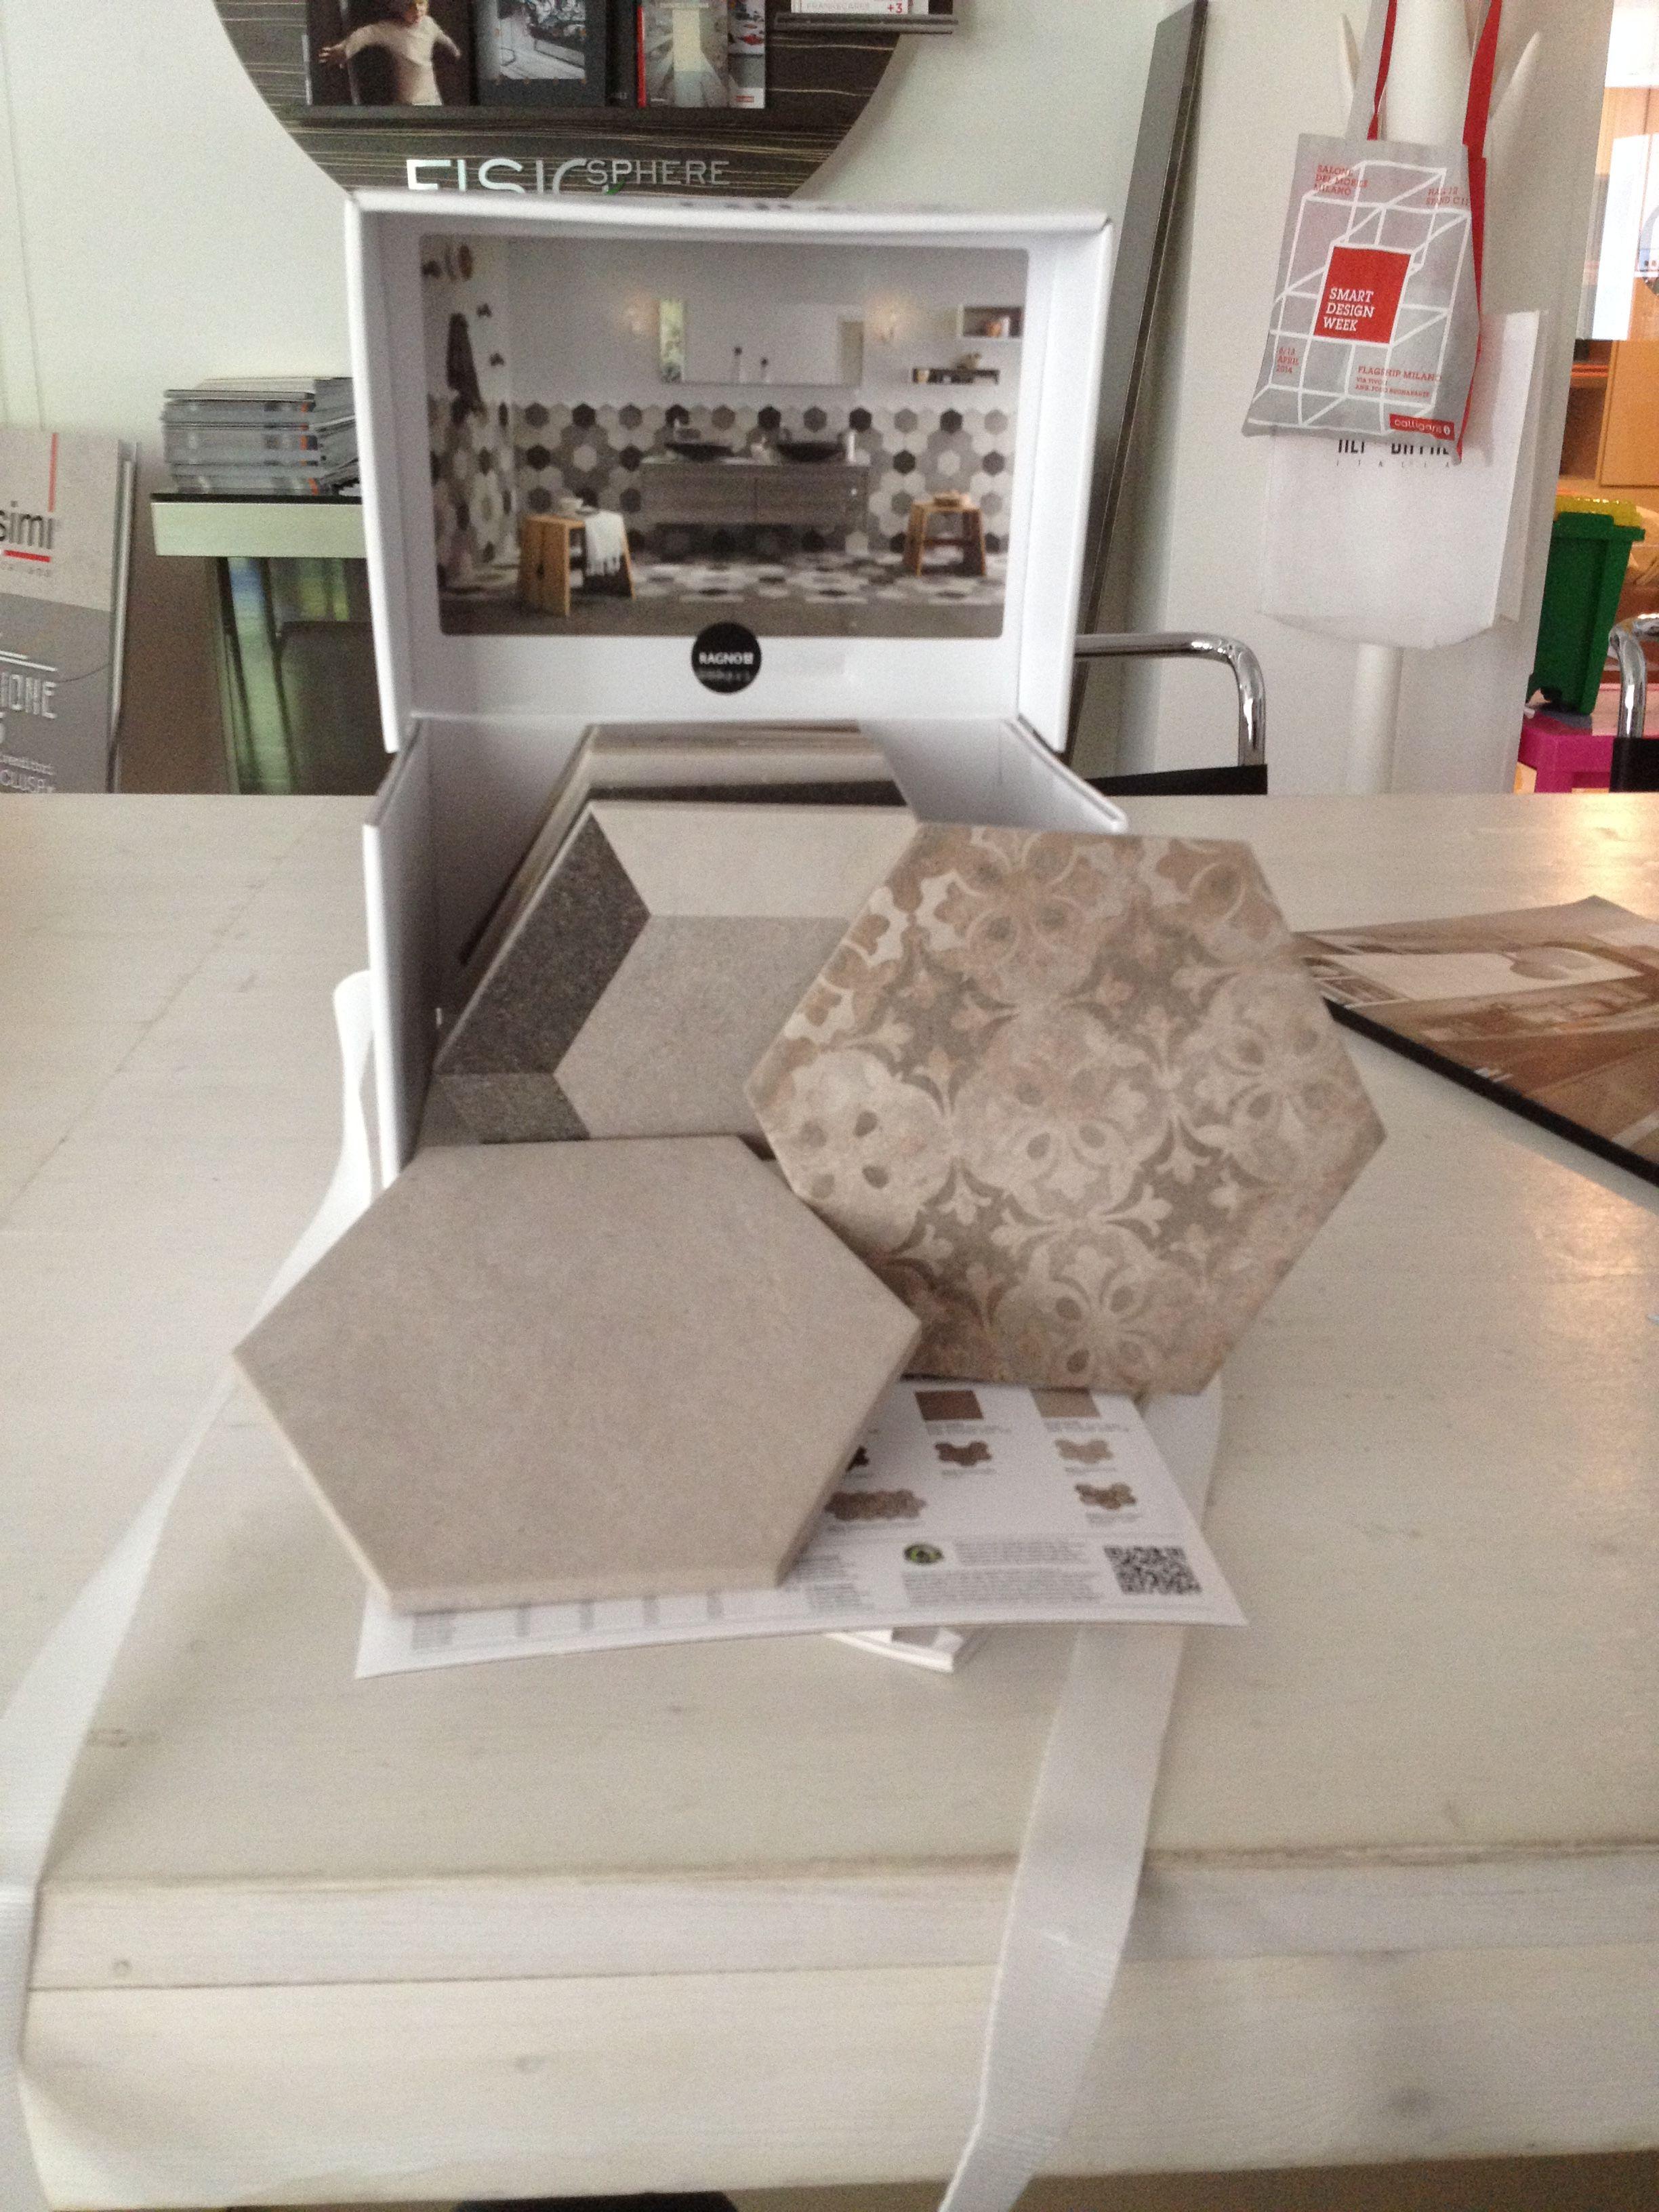 Piastrelle effetto cementine rewind ragno ceramiche www - Piastrelle ragno rewind ...